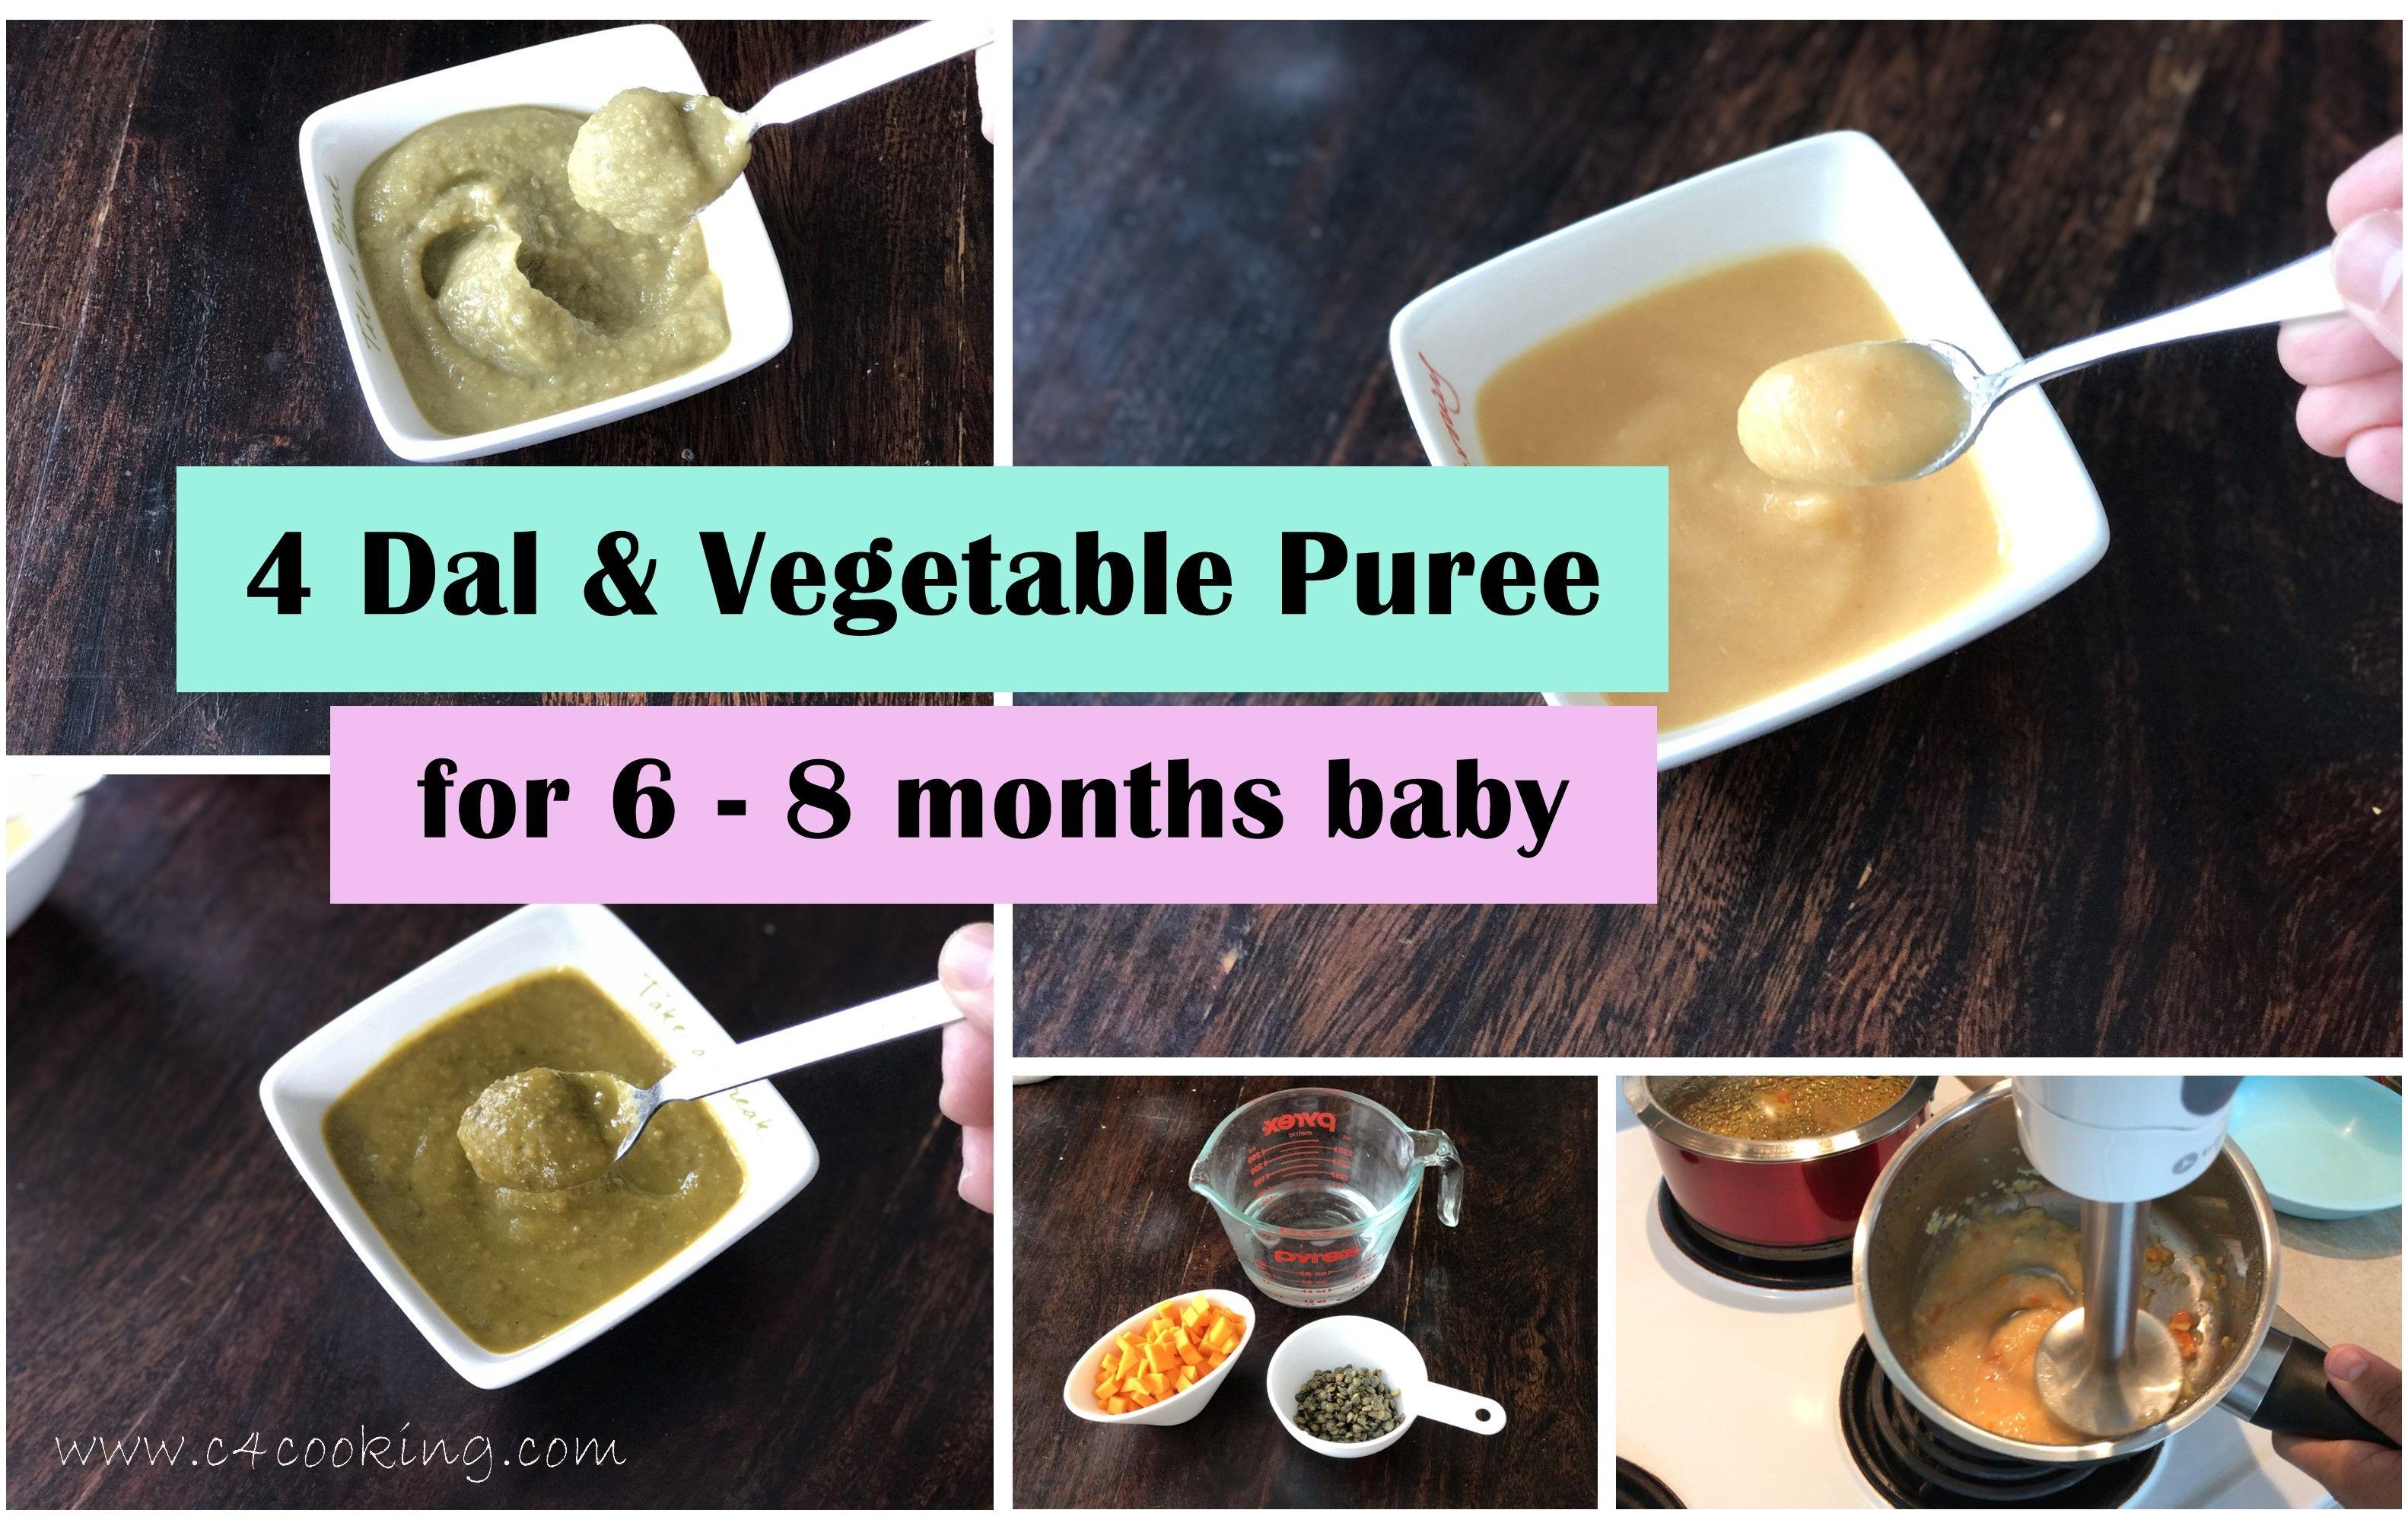 4 Dal Lentil Amp Vegetable Puree For 6 8 Months